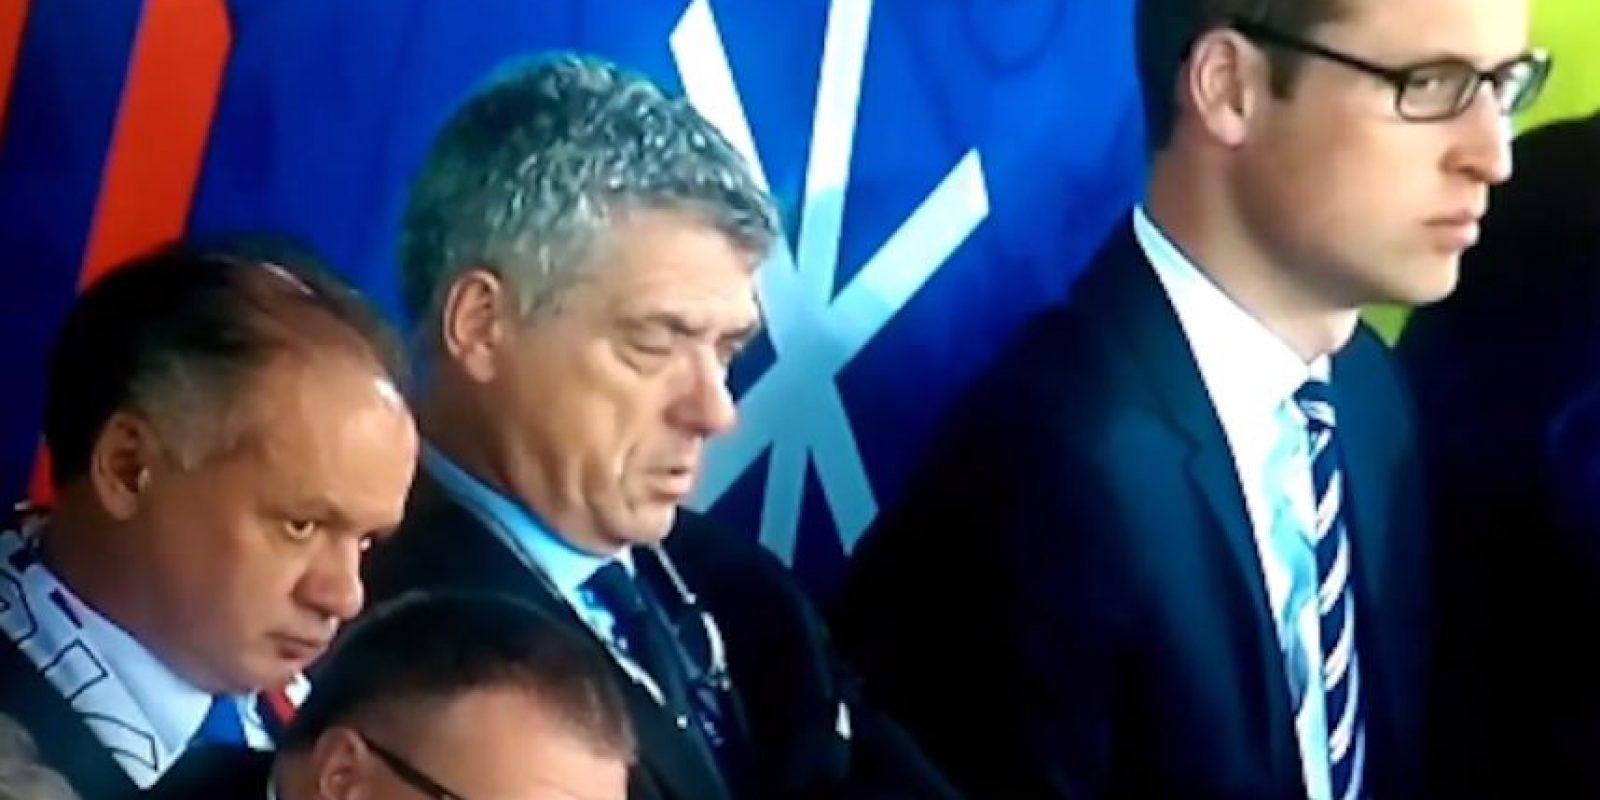 Ángel María Villar pareció aburrido mientras los ingleses y eslovacos igualaron a cero goles. Foto:Captura de pantalla